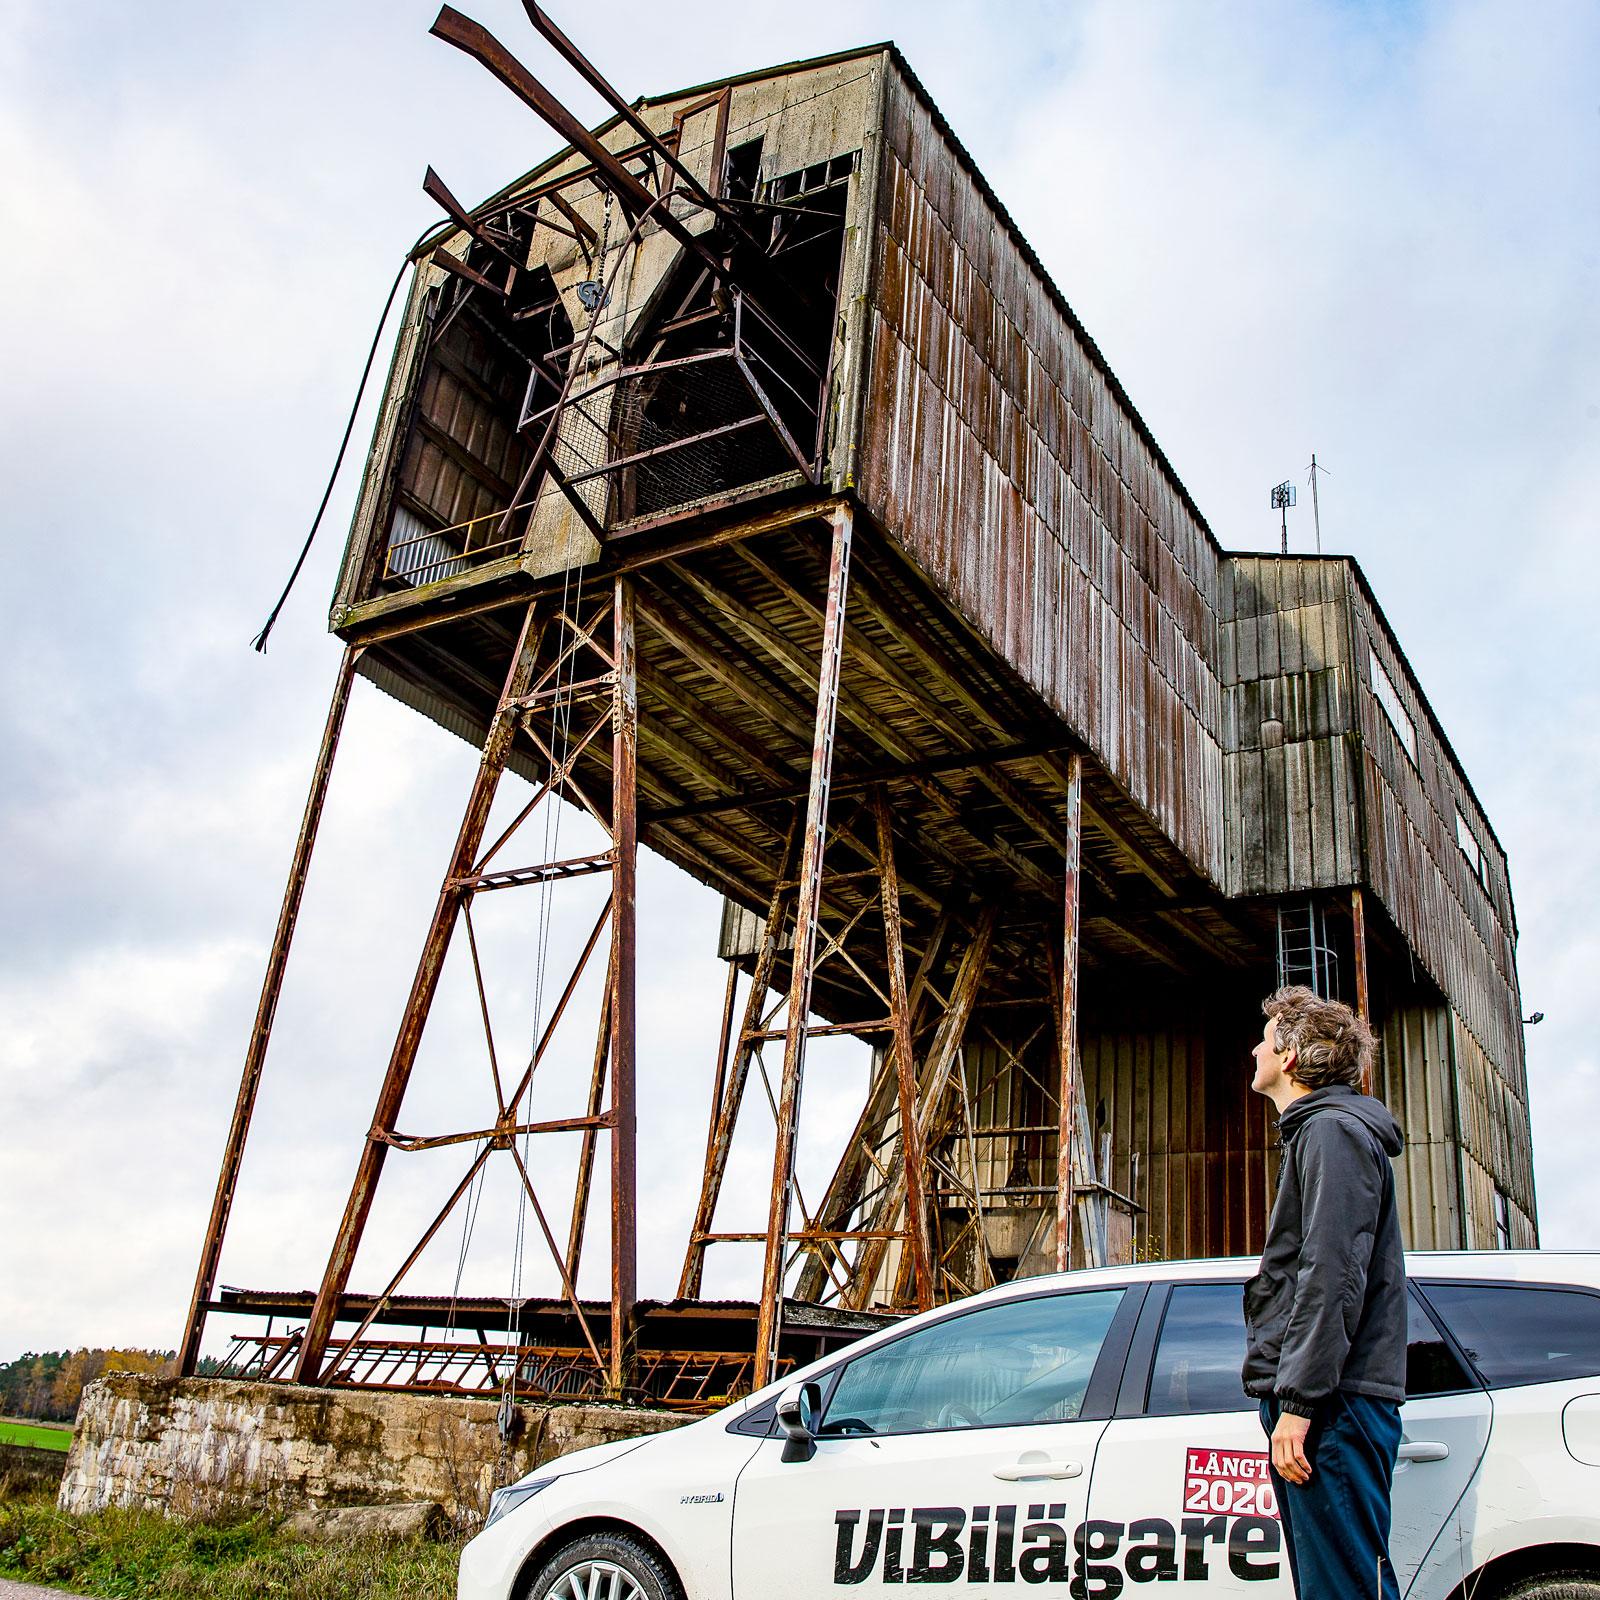 Linorna hänger och dinglar vid Malmberga. Efter 56 år och 25 miljoner ton kalksten var det slutkört. I dag är det mesta av linbanan borta men ännu finns spår.